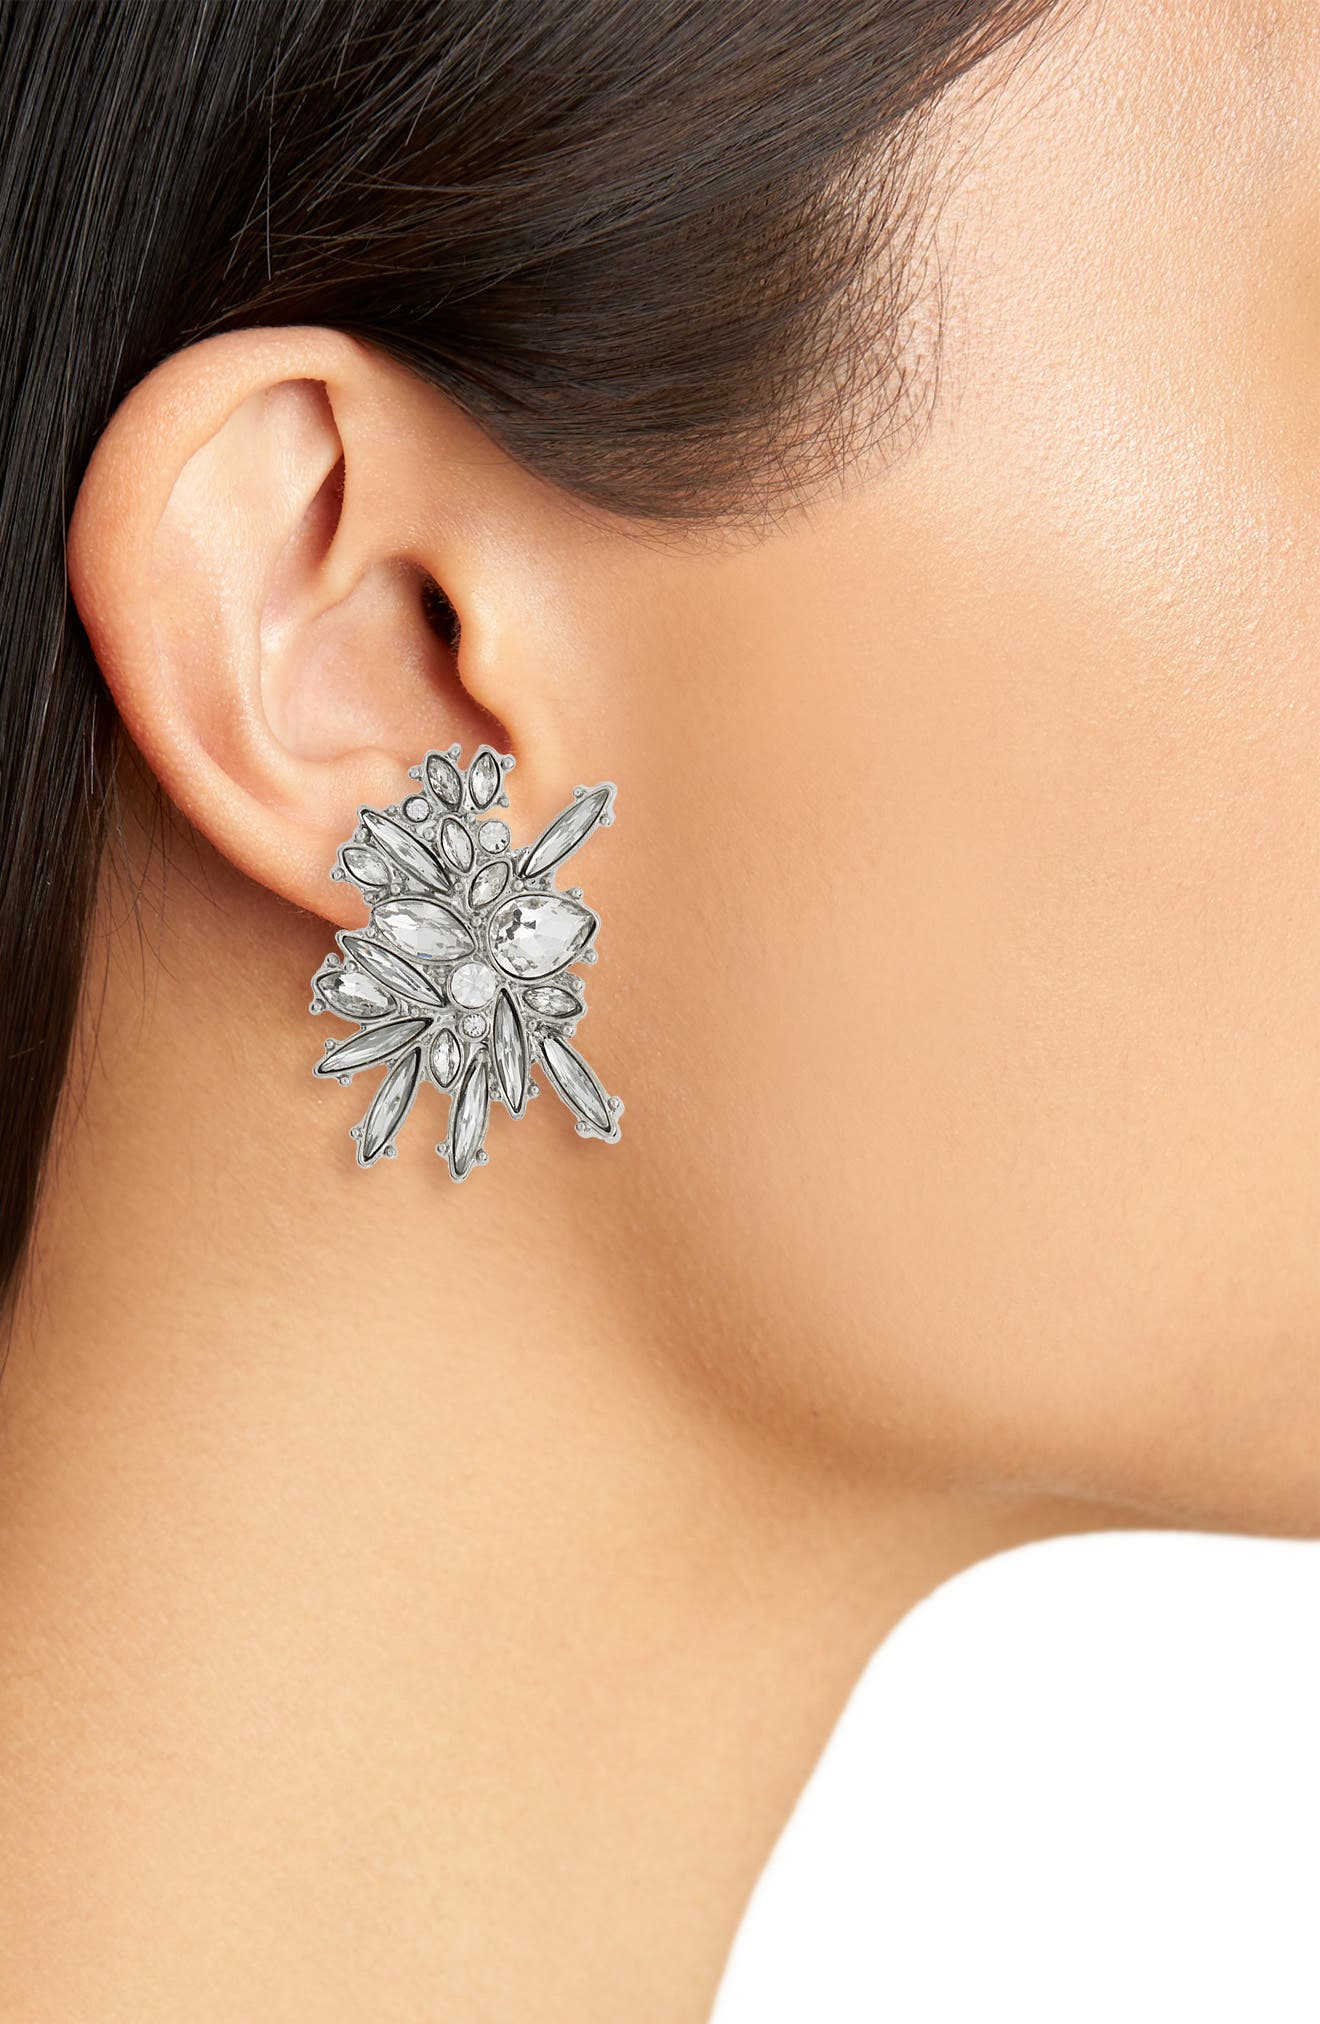 Titania Crystal Stud Earrings,                             Alternate thumbnail 2, color,                             710